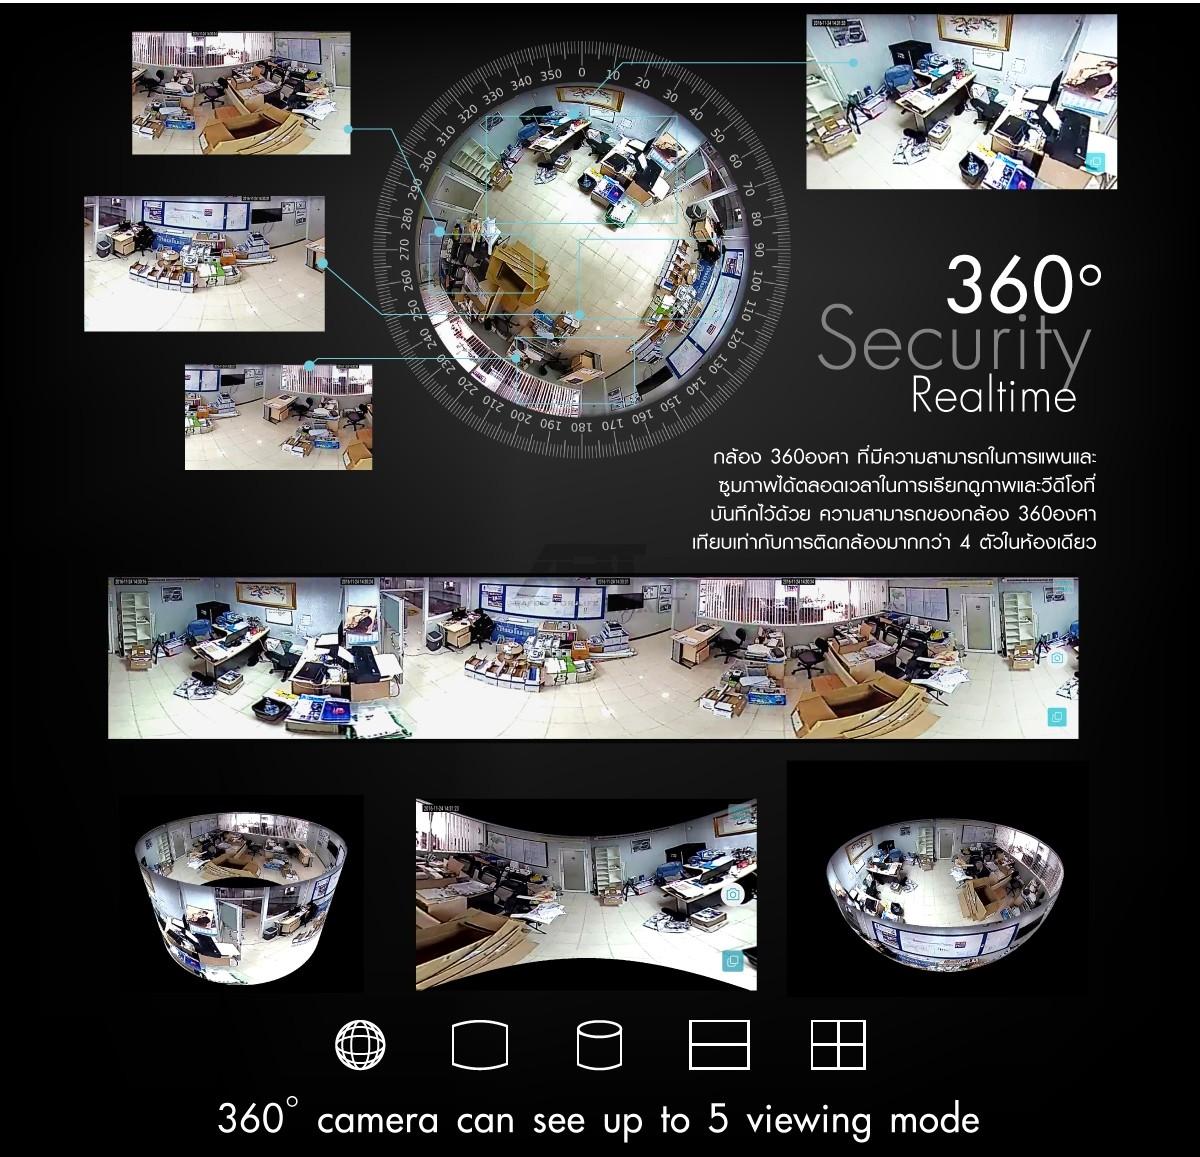 แอพพลิเคชั่น กล้อง วงจรปิด แบบ 360 องศา